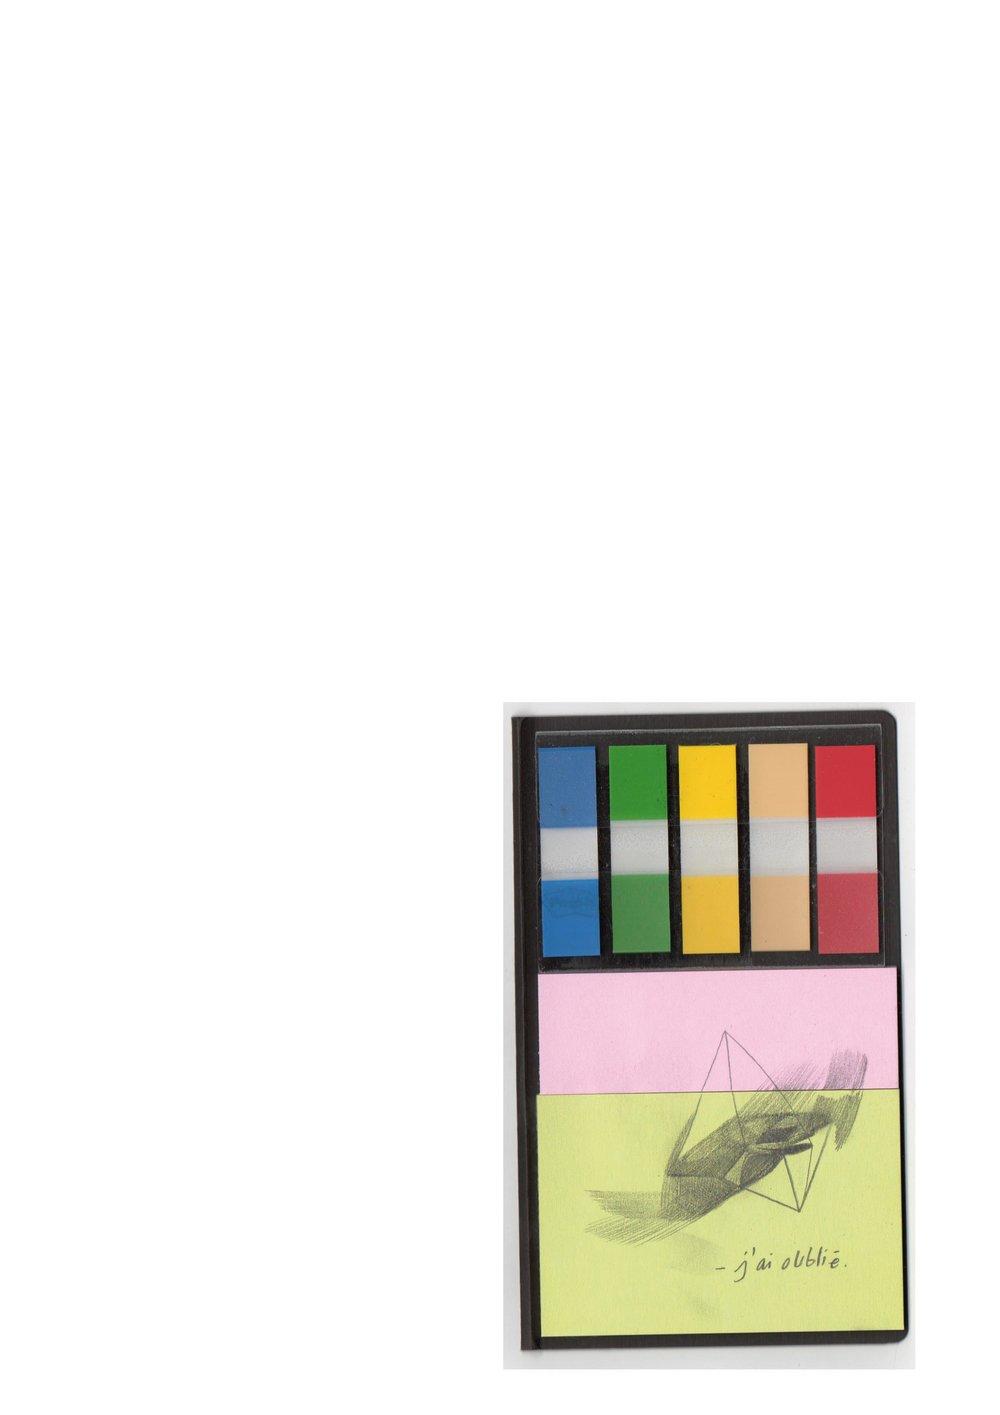 J'ai oublié, dessin au crayon sur post-it, 10x8, 2012